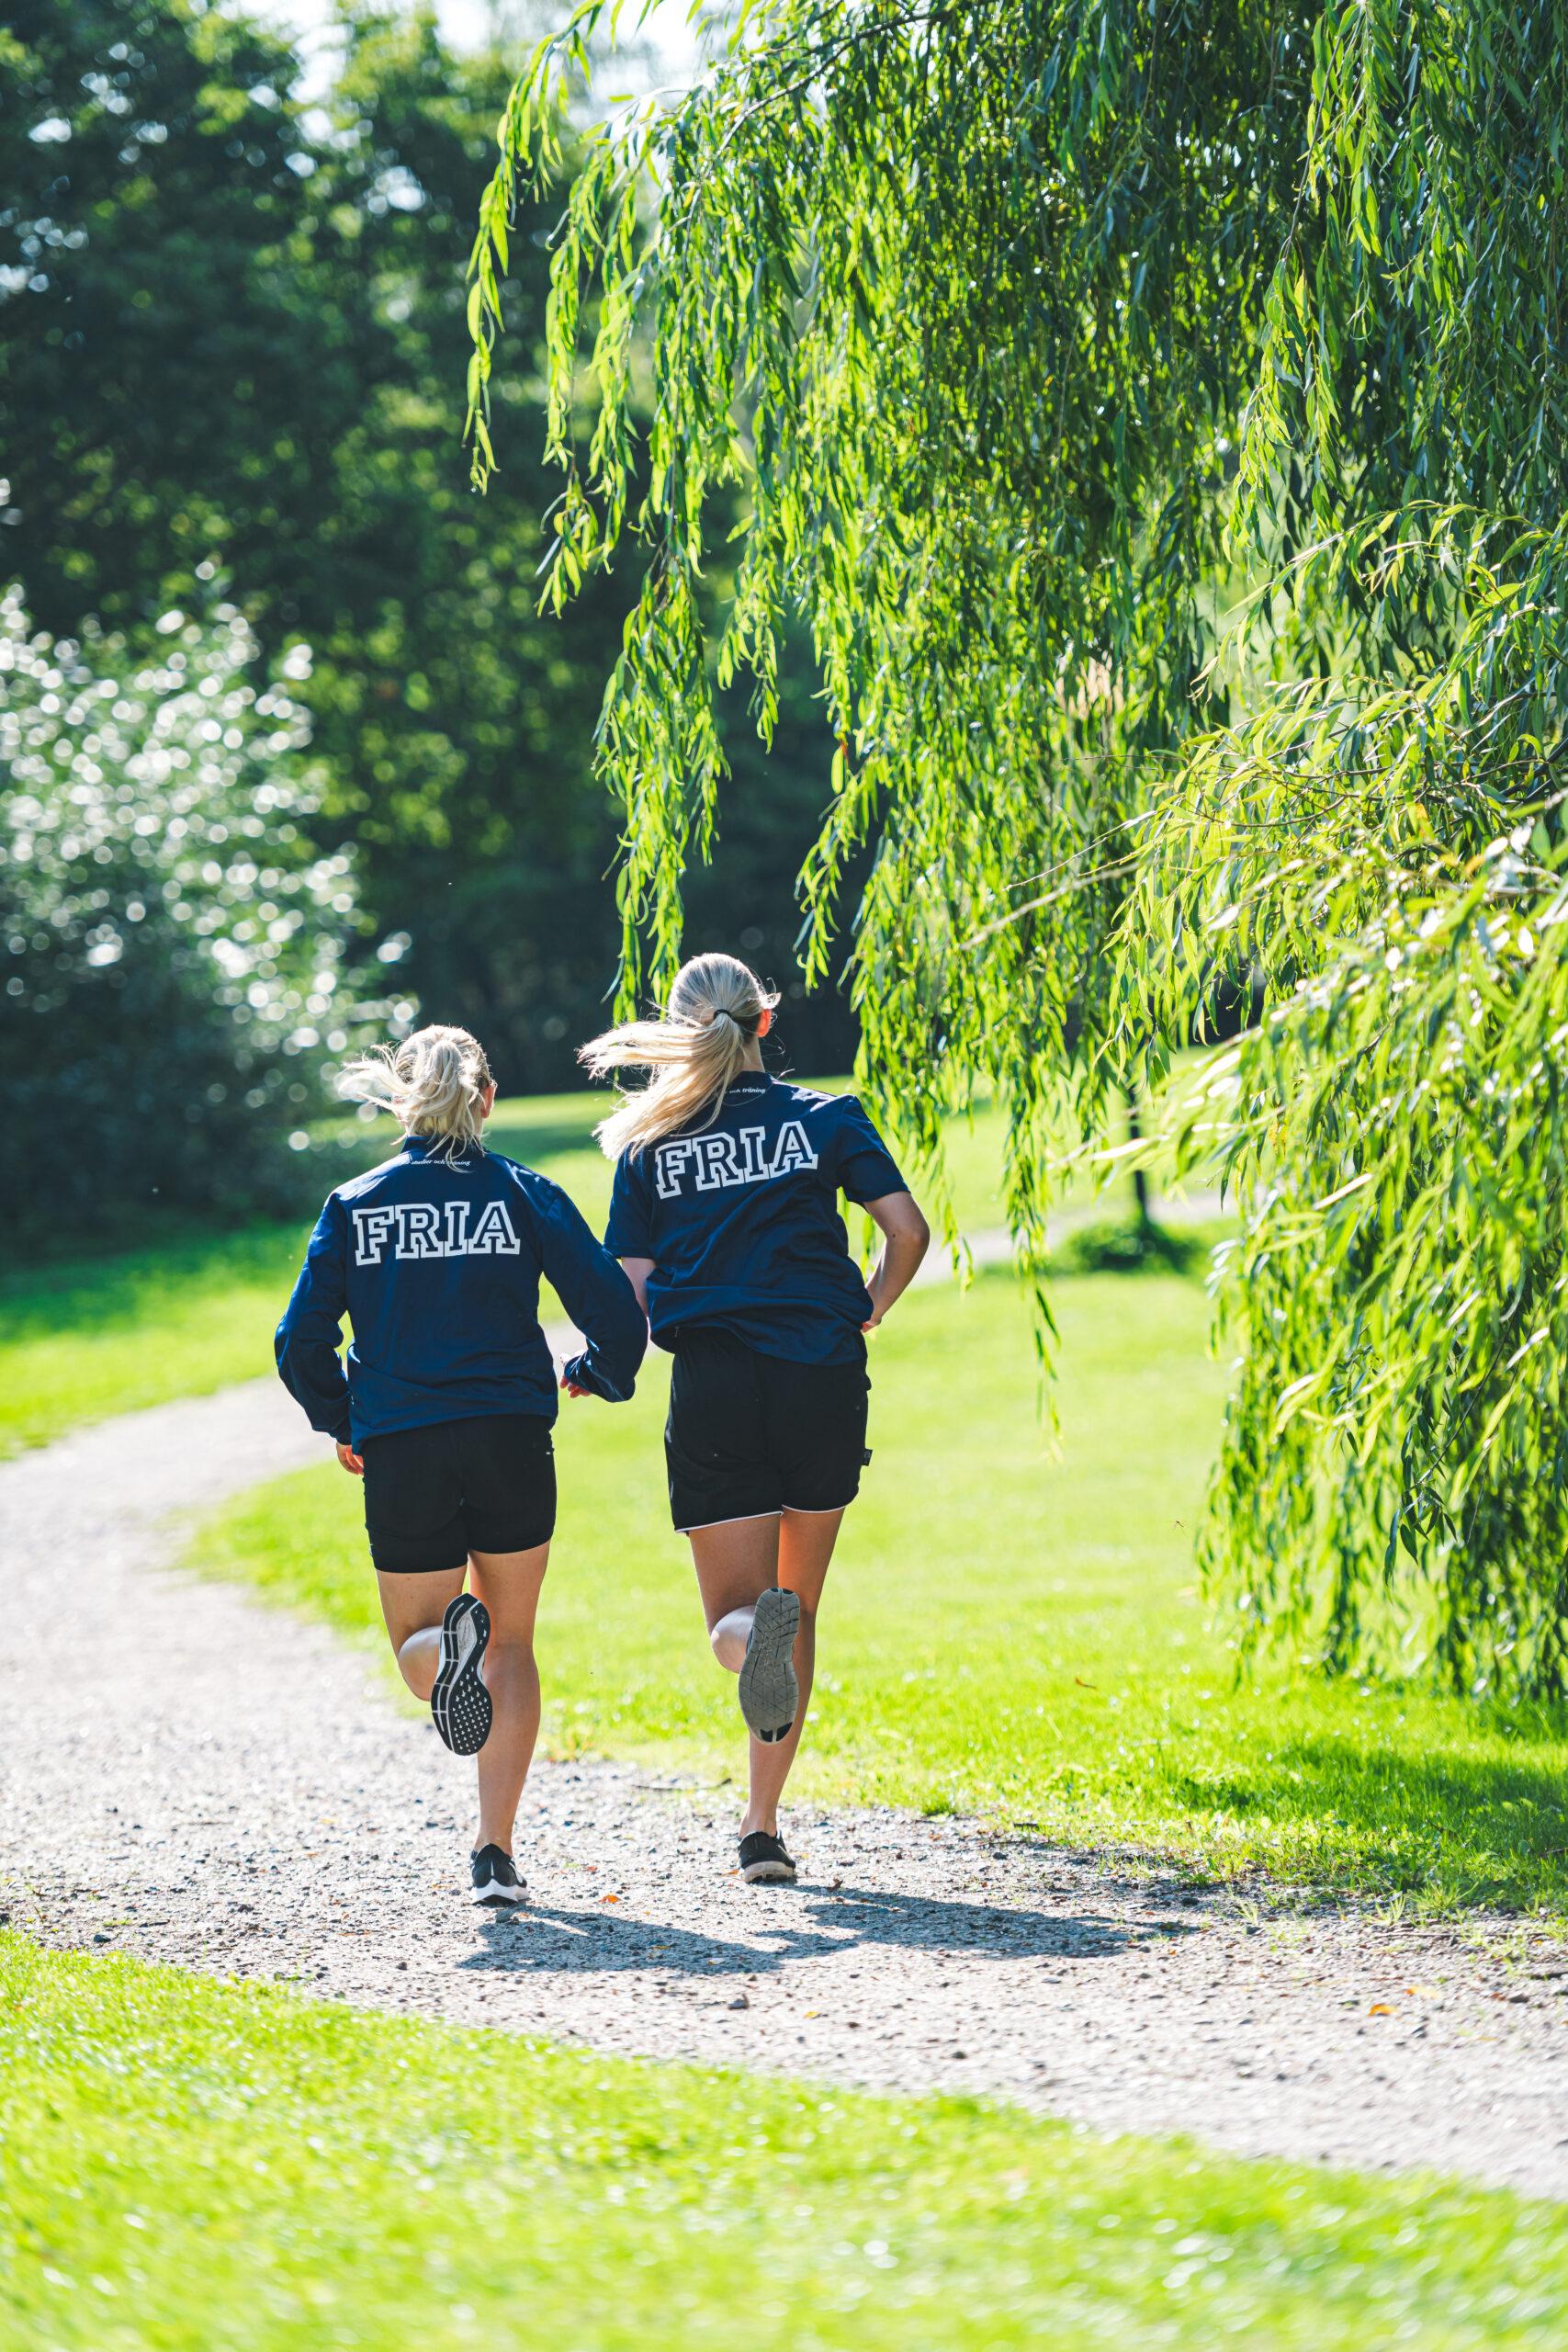 Två tjejer i träningskläder med Fria-logga joggar ute i naturen